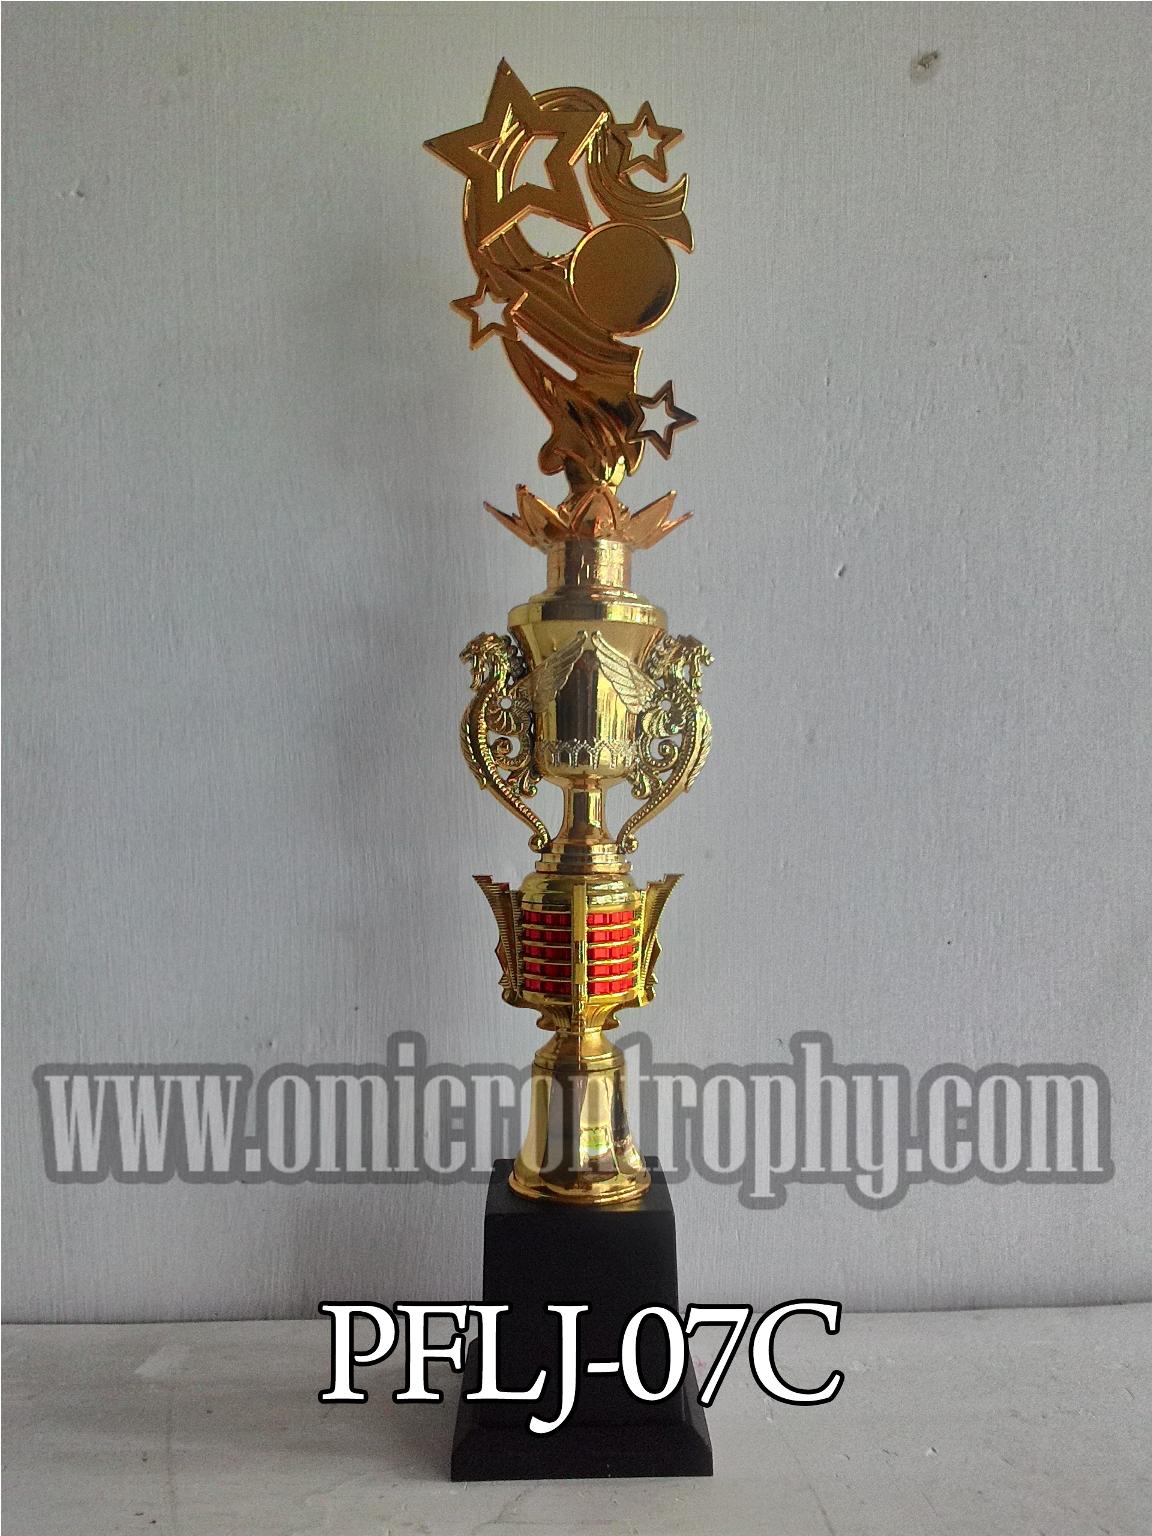 Jual Piala Murah Jogja Solo Semarang Jawa Tengah